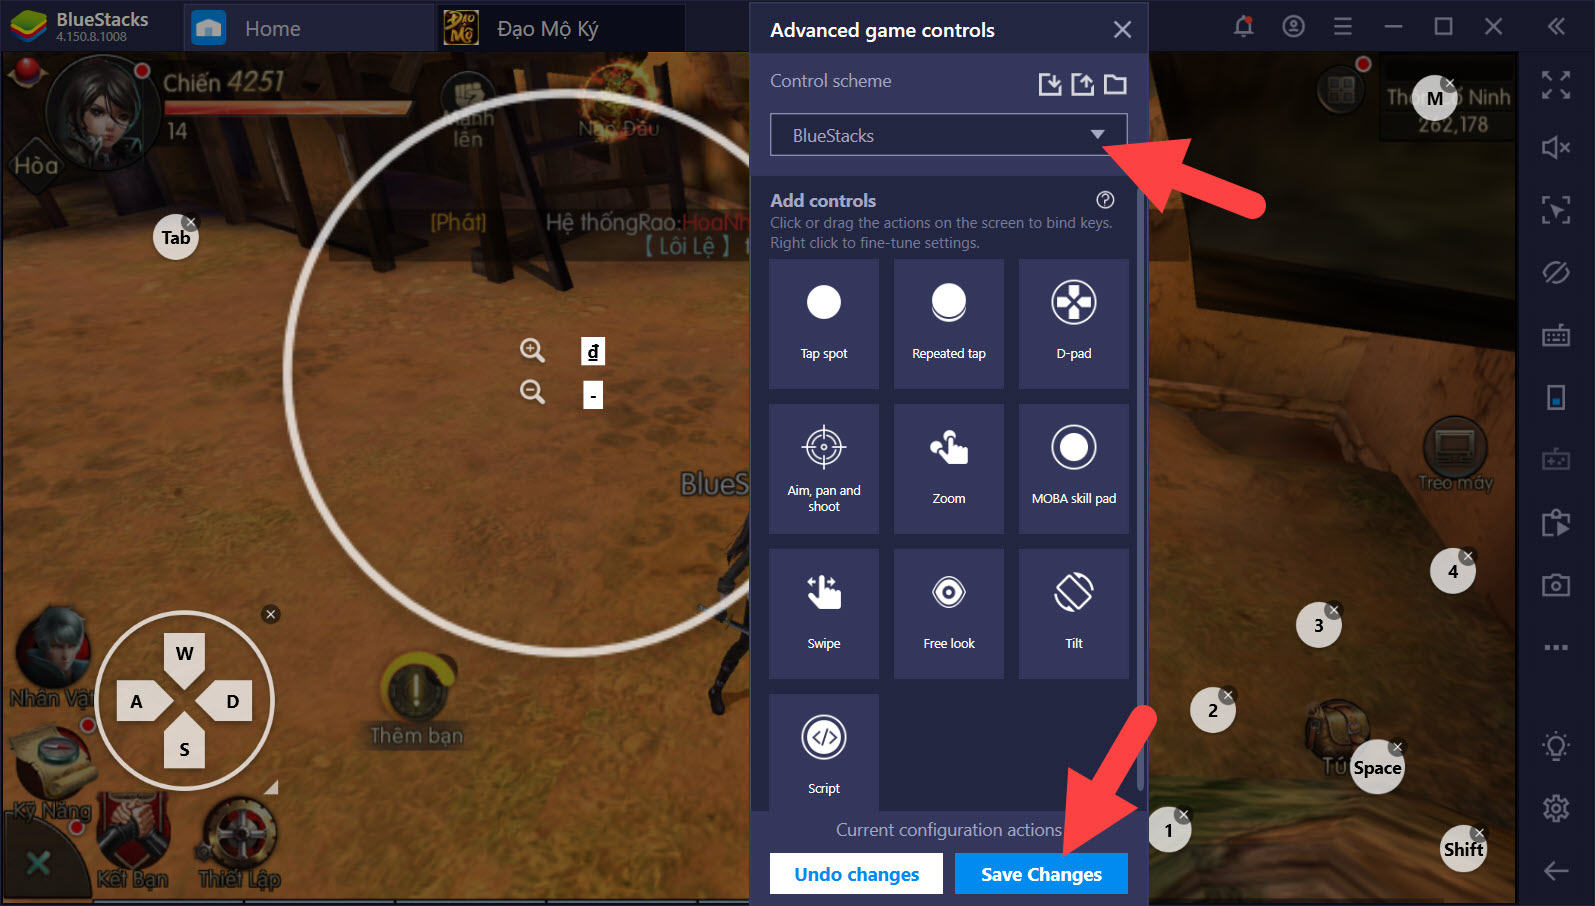 Tối ưu điều khiển với Game Controls khi chơi Đạo Mộ Ký với BlueStacks